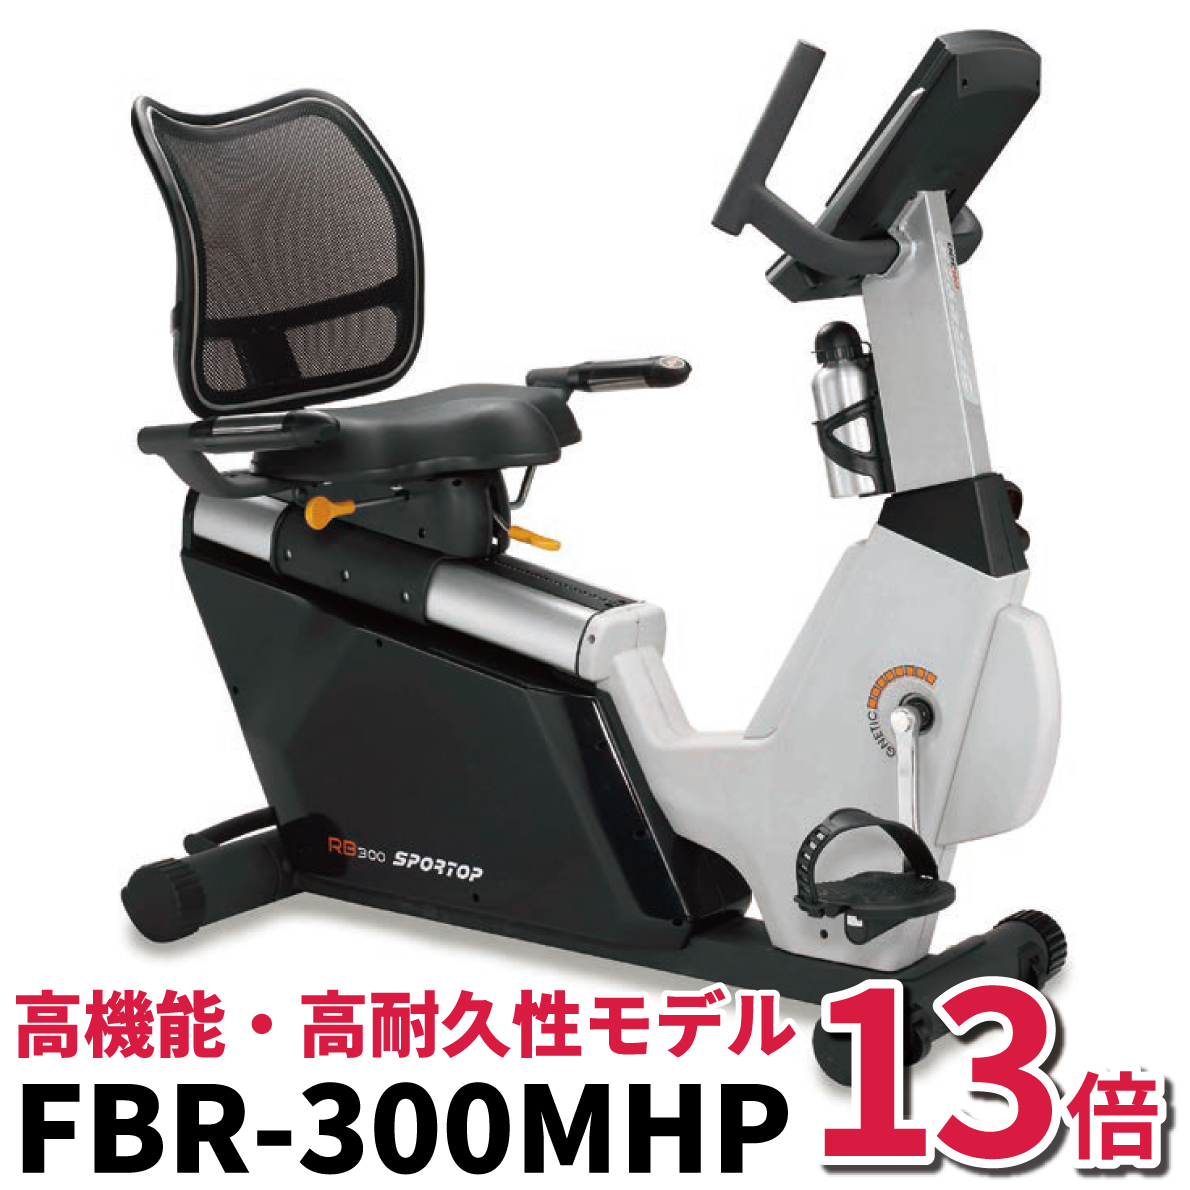 リカンベントバイク 静音 家庭用 背もたれ フィットネスバイク リハビリマシン フィットネスマシン FBR-300MHP フジモリ ポイント13倍 室内用 シニア 機能訓練 高齢者向け 組立割引